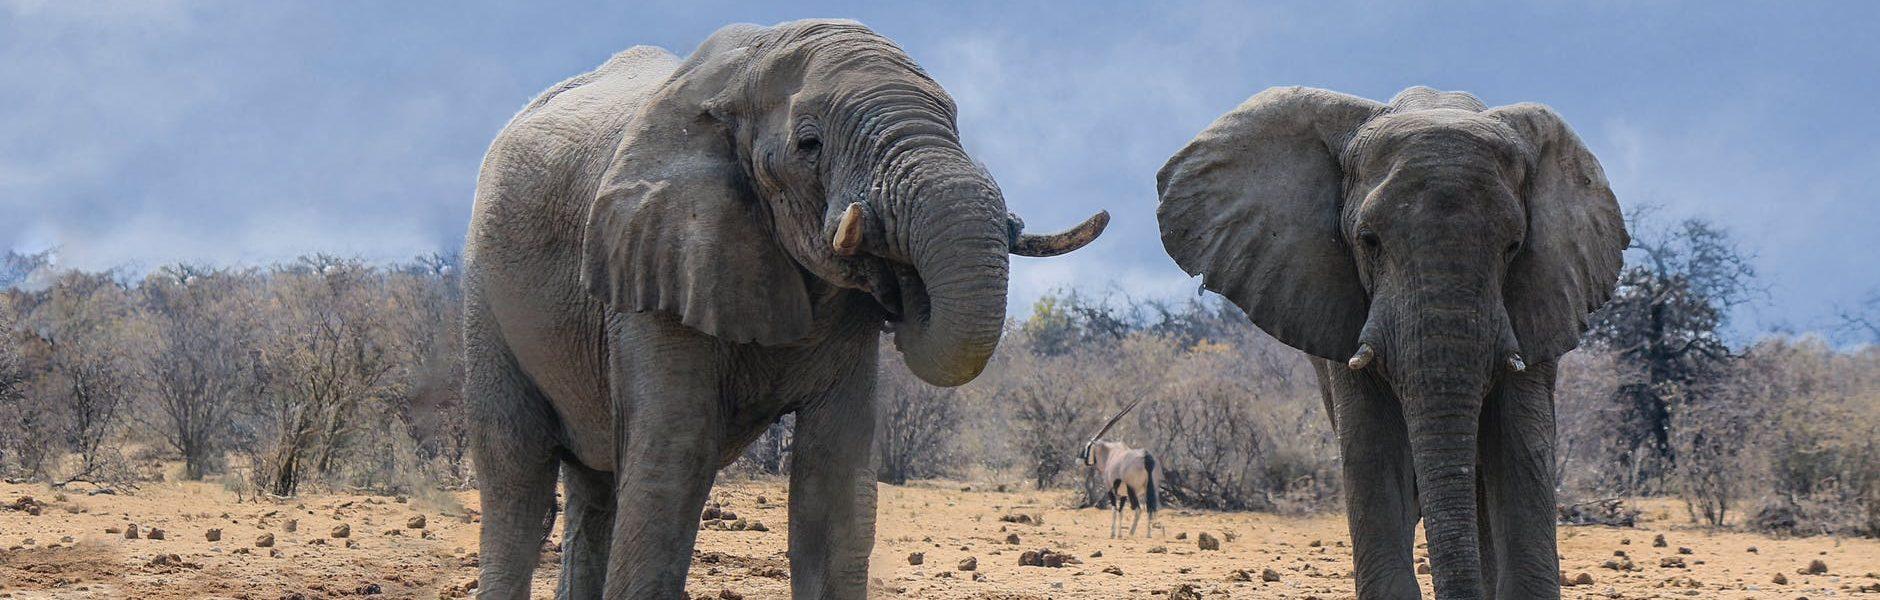 czy słoń ma kopyta?